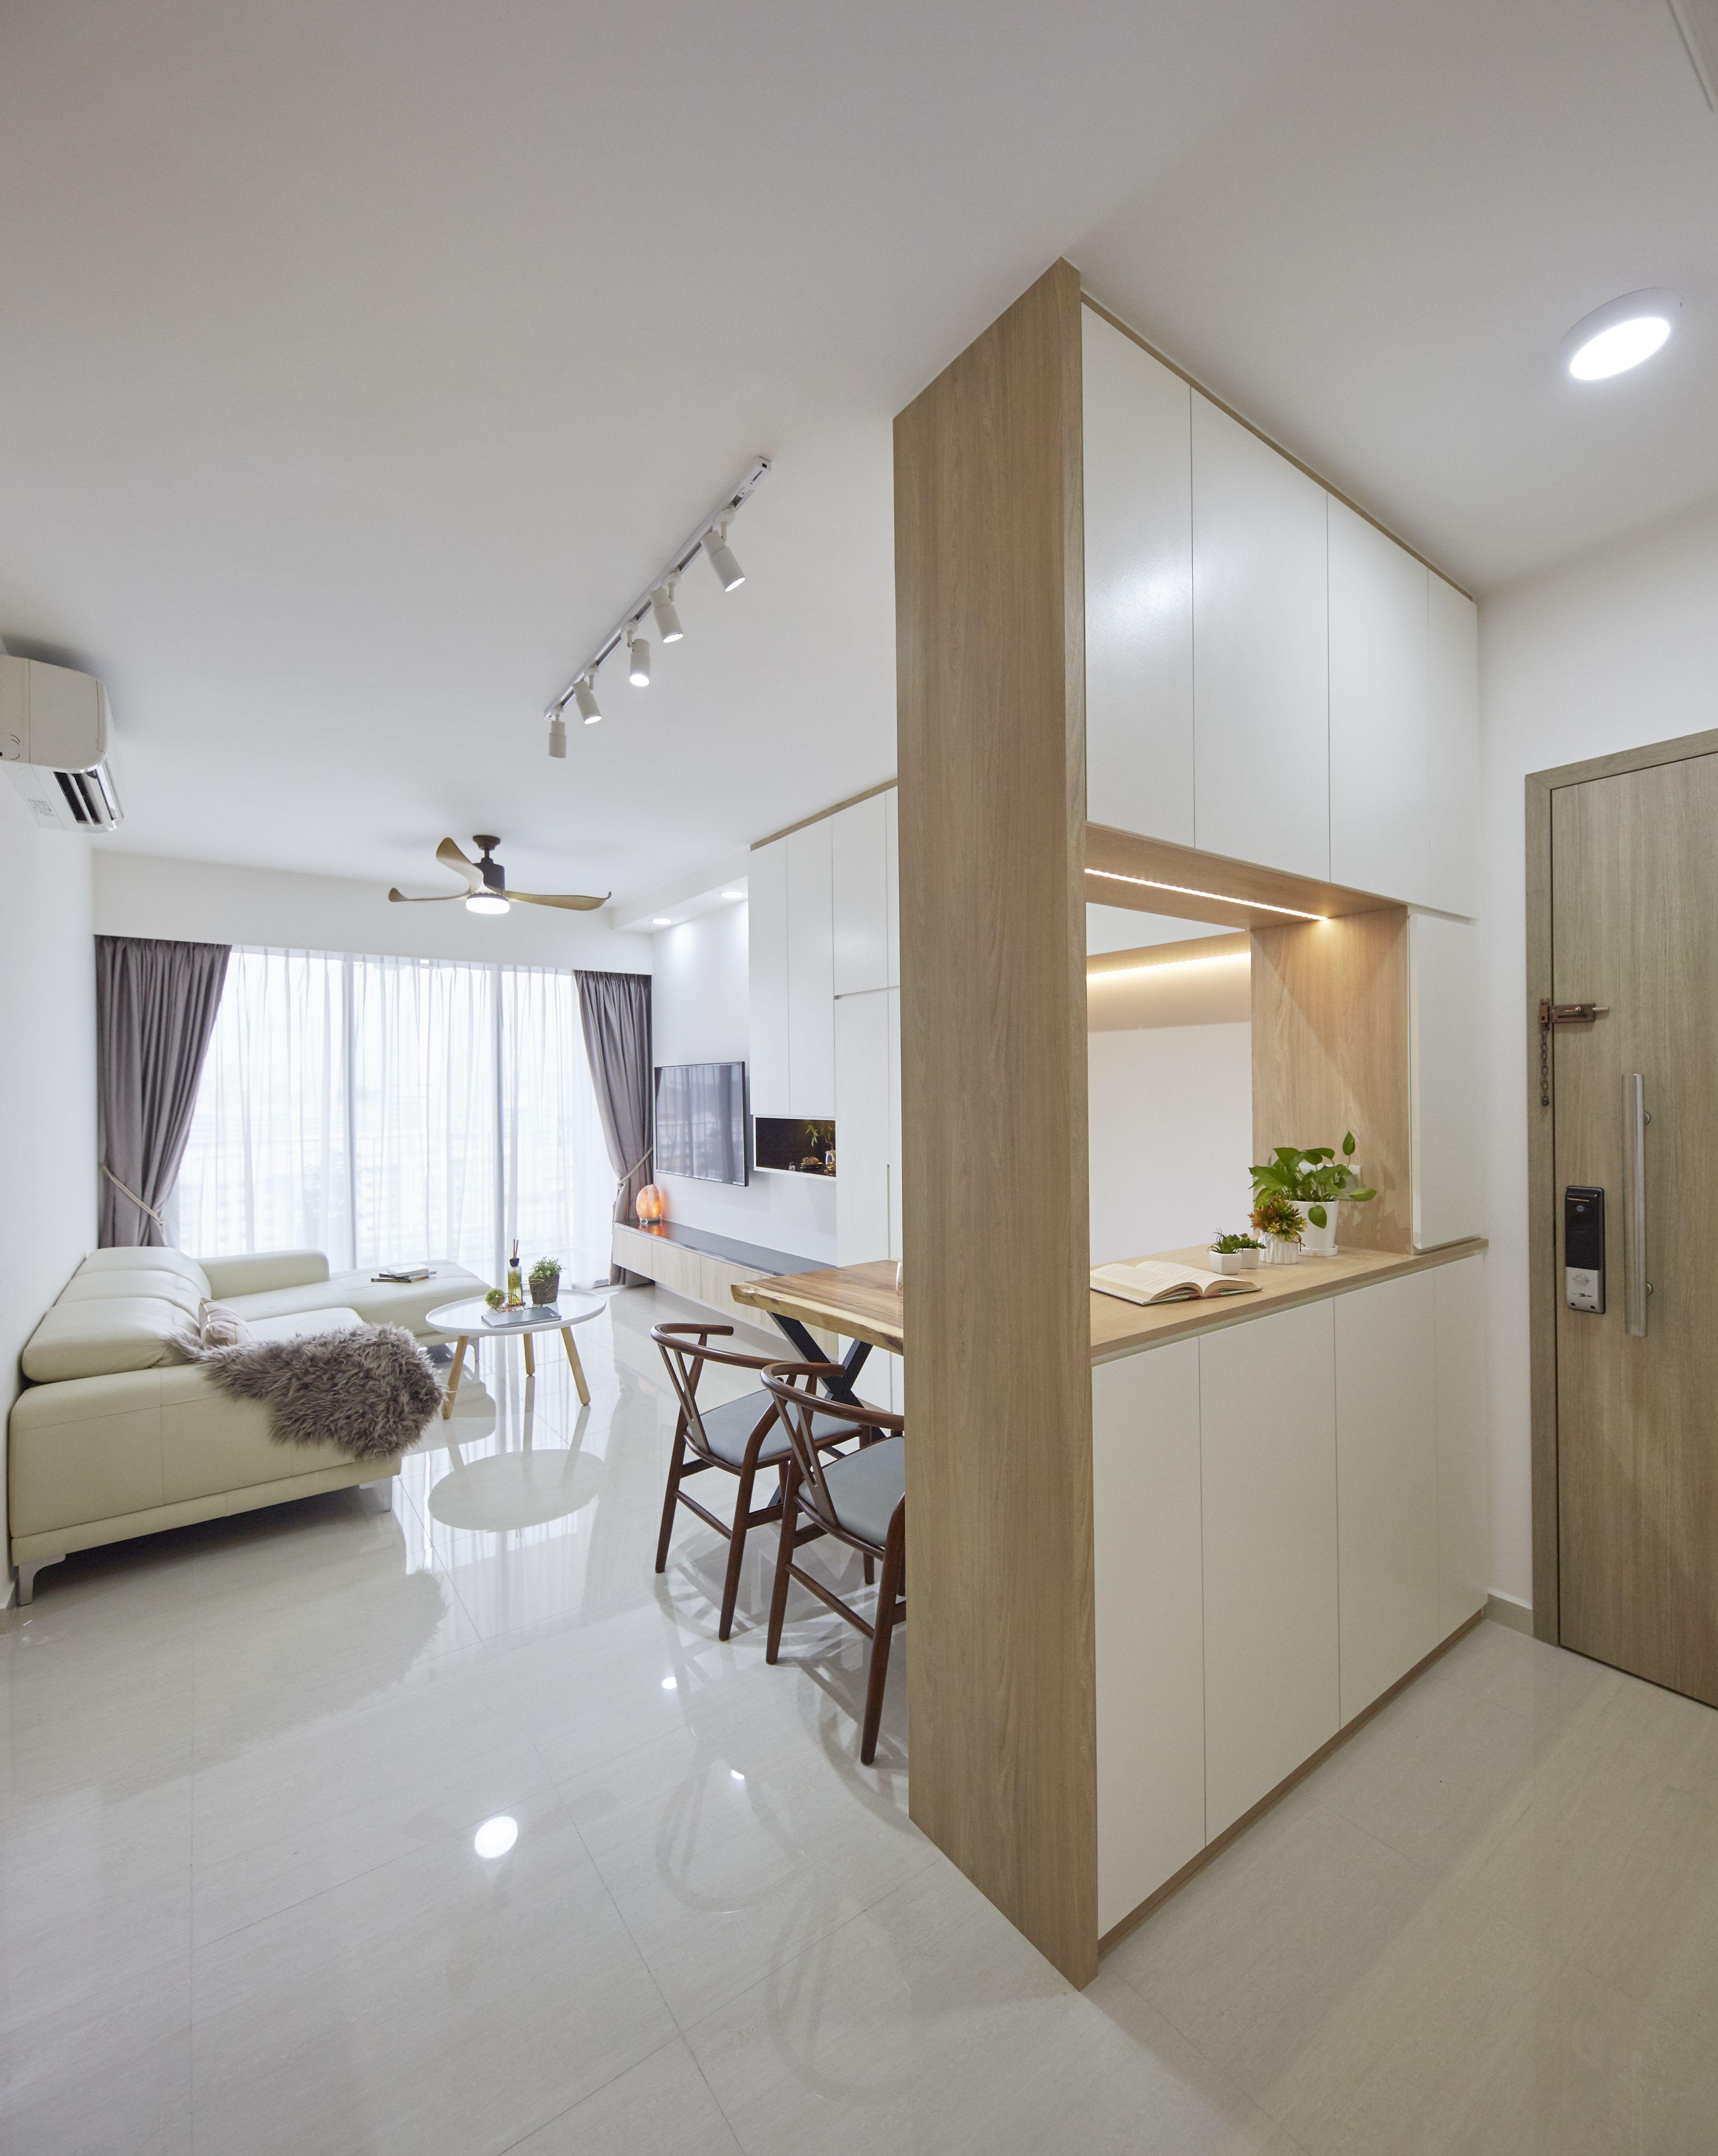 Carpenters Interior Design Condominium Design Singapore